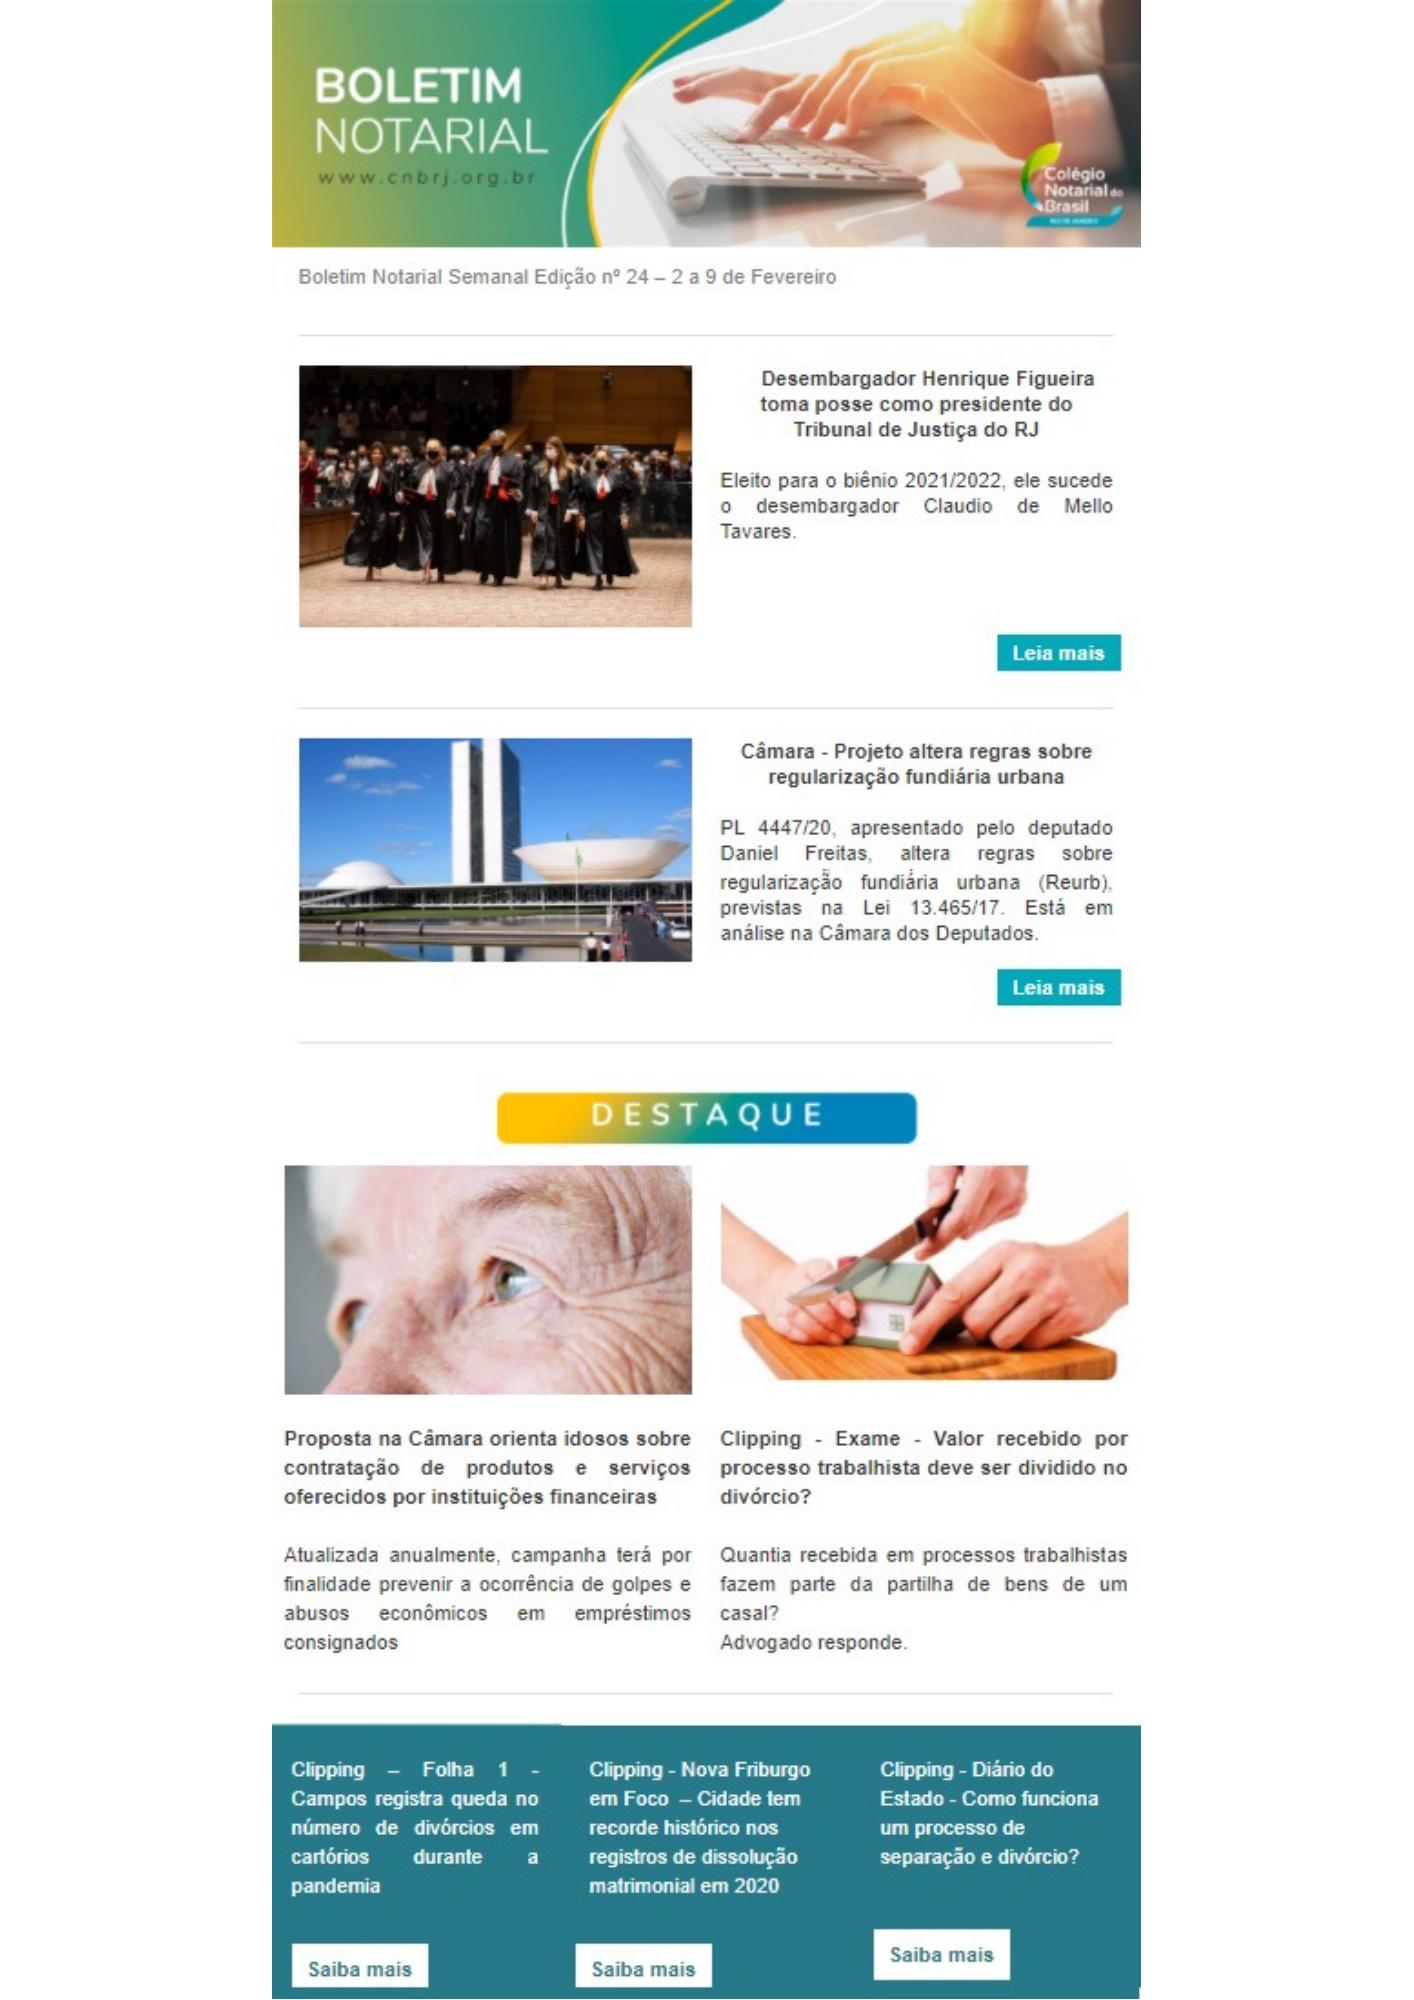 Boletim Notarial Semanal Edição Nº24